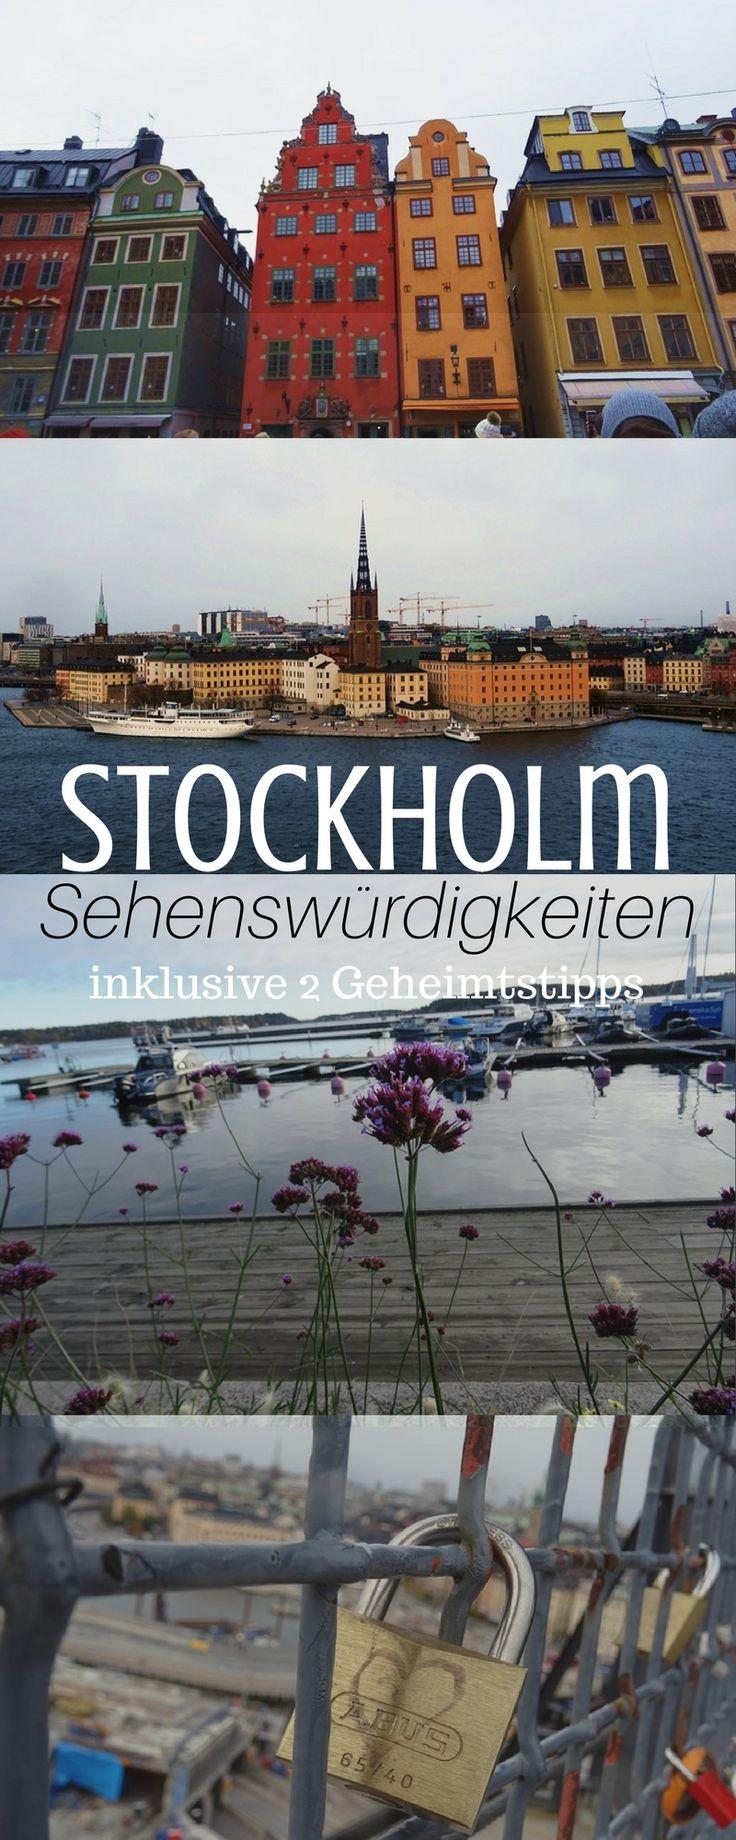 Wer eine Reise nach Stockholm plant, findet hier super Reisetipps und Sehenswürdigkeiten, inklusive 2 Geheimtipps für die Stadt.